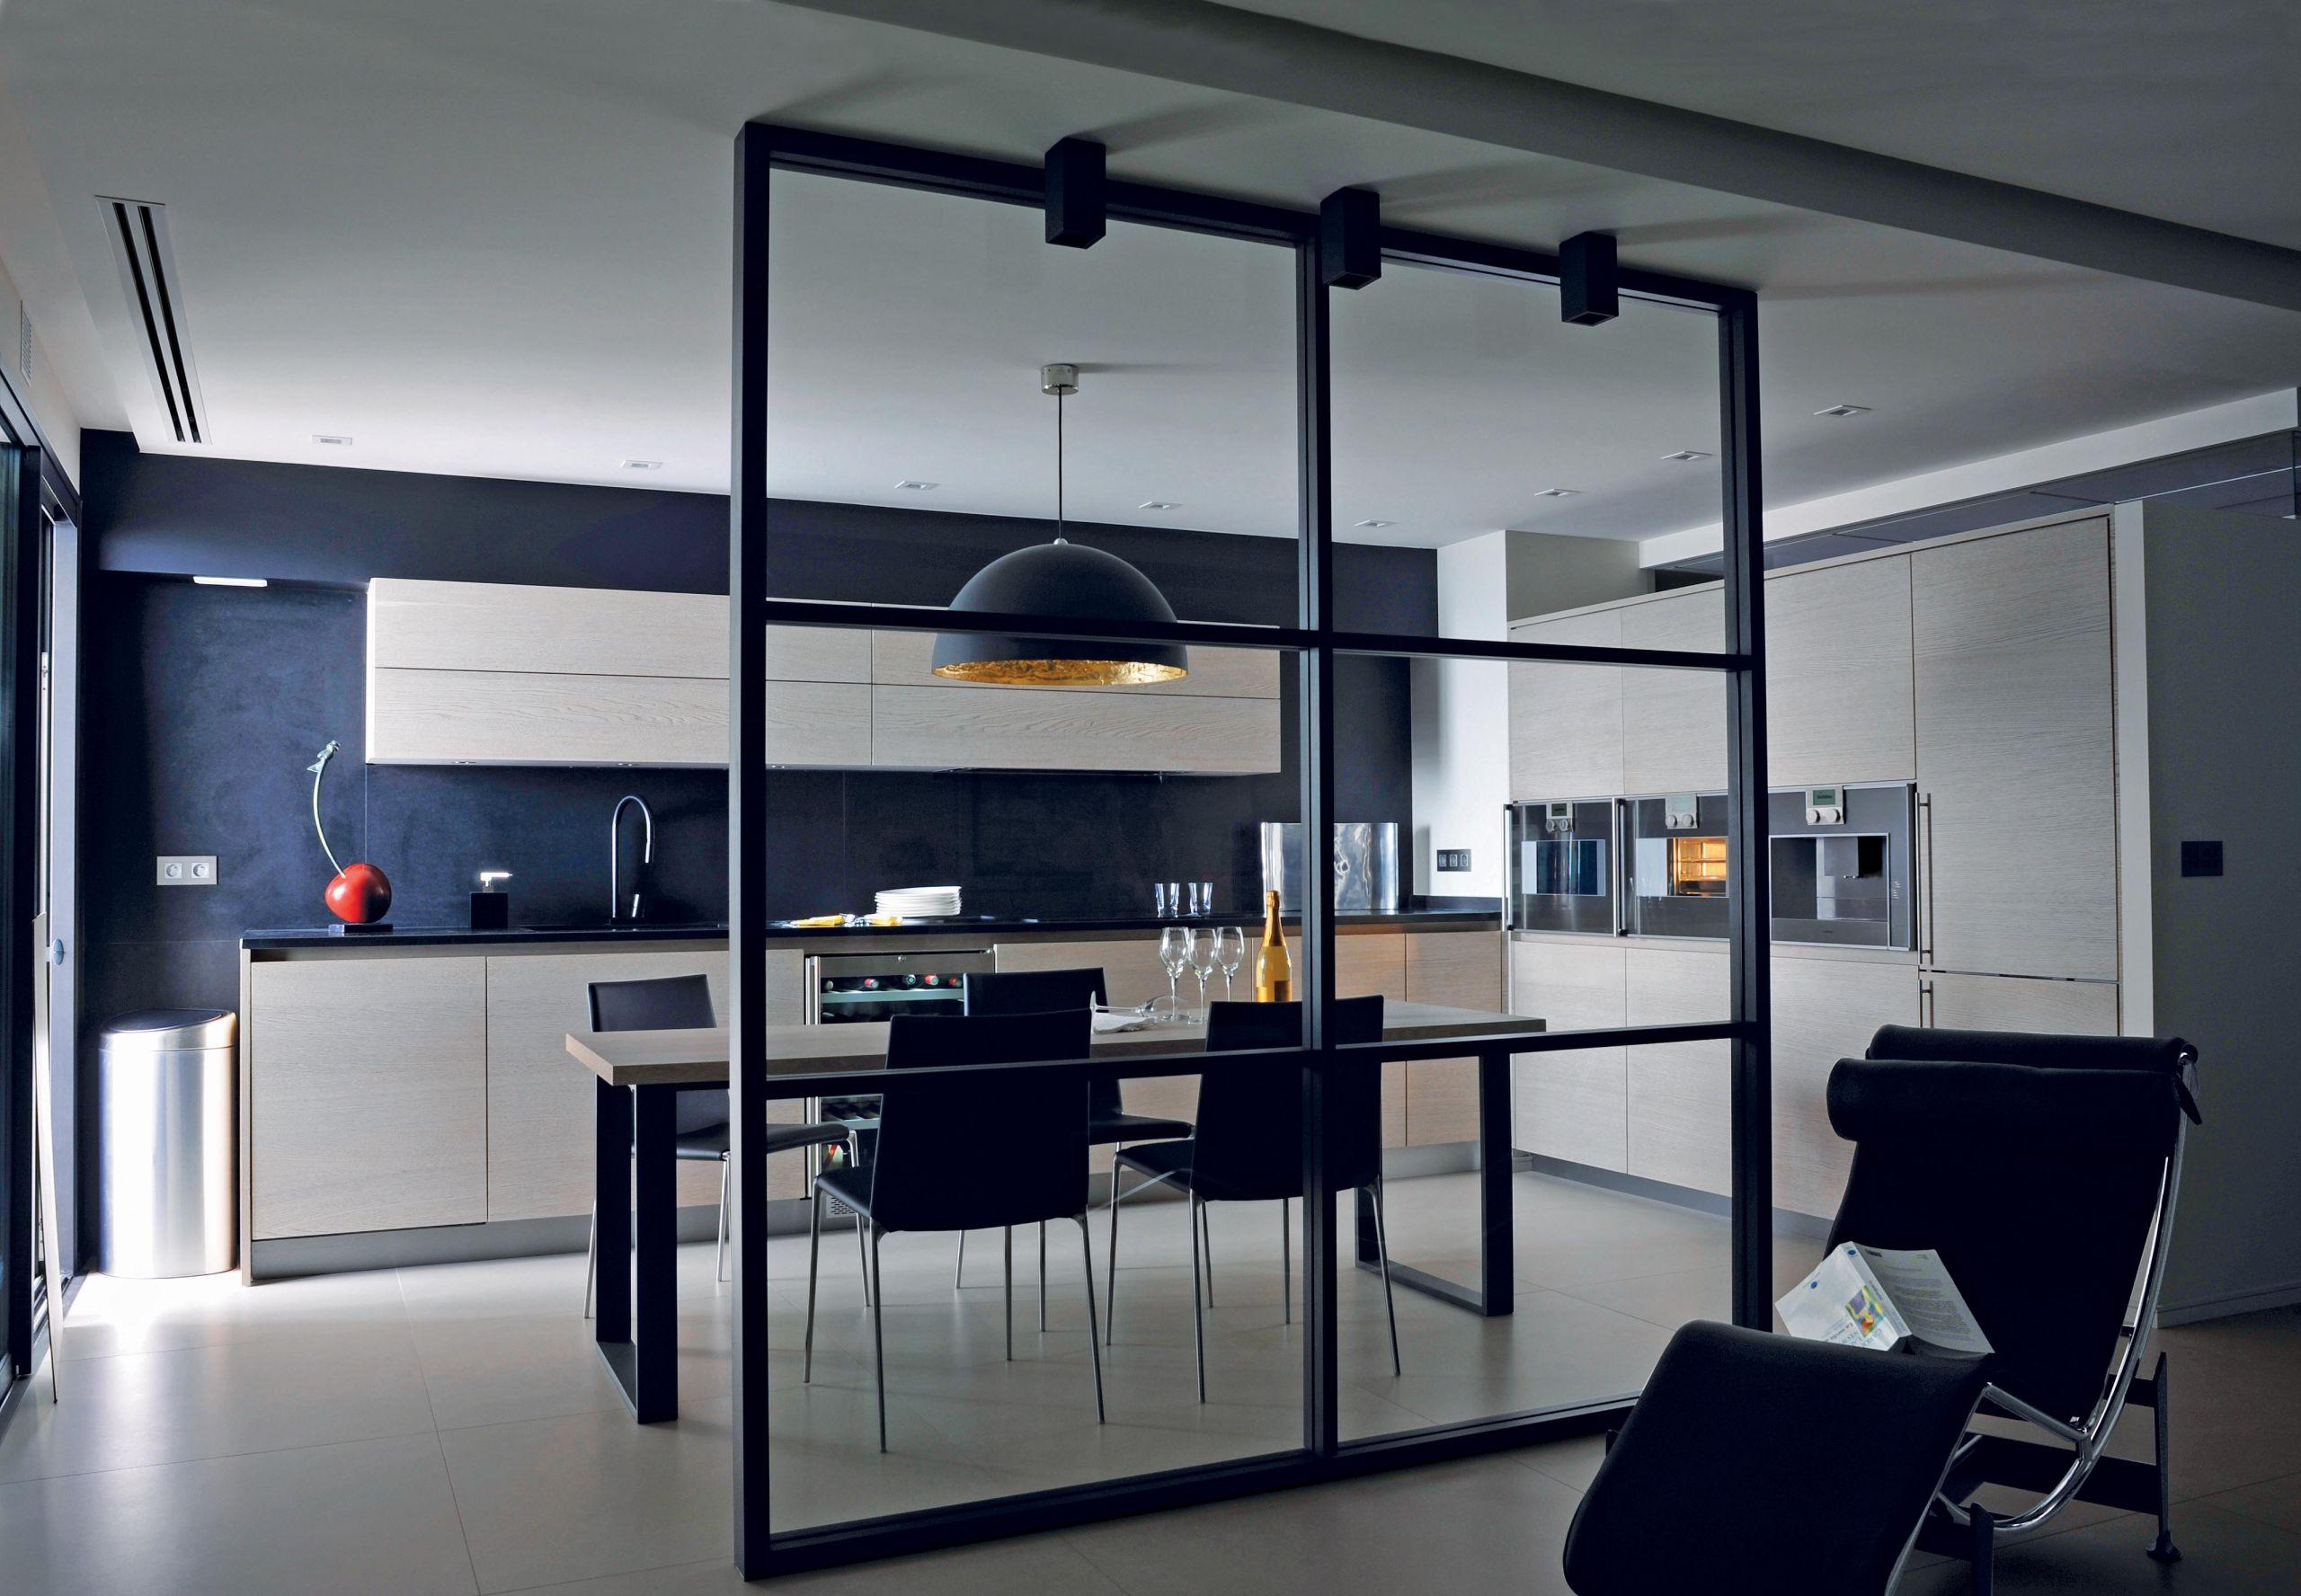 cuisine contemporaine le ch ne sublim atelier de saint paul. Black Bedroom Furniture Sets. Home Design Ideas